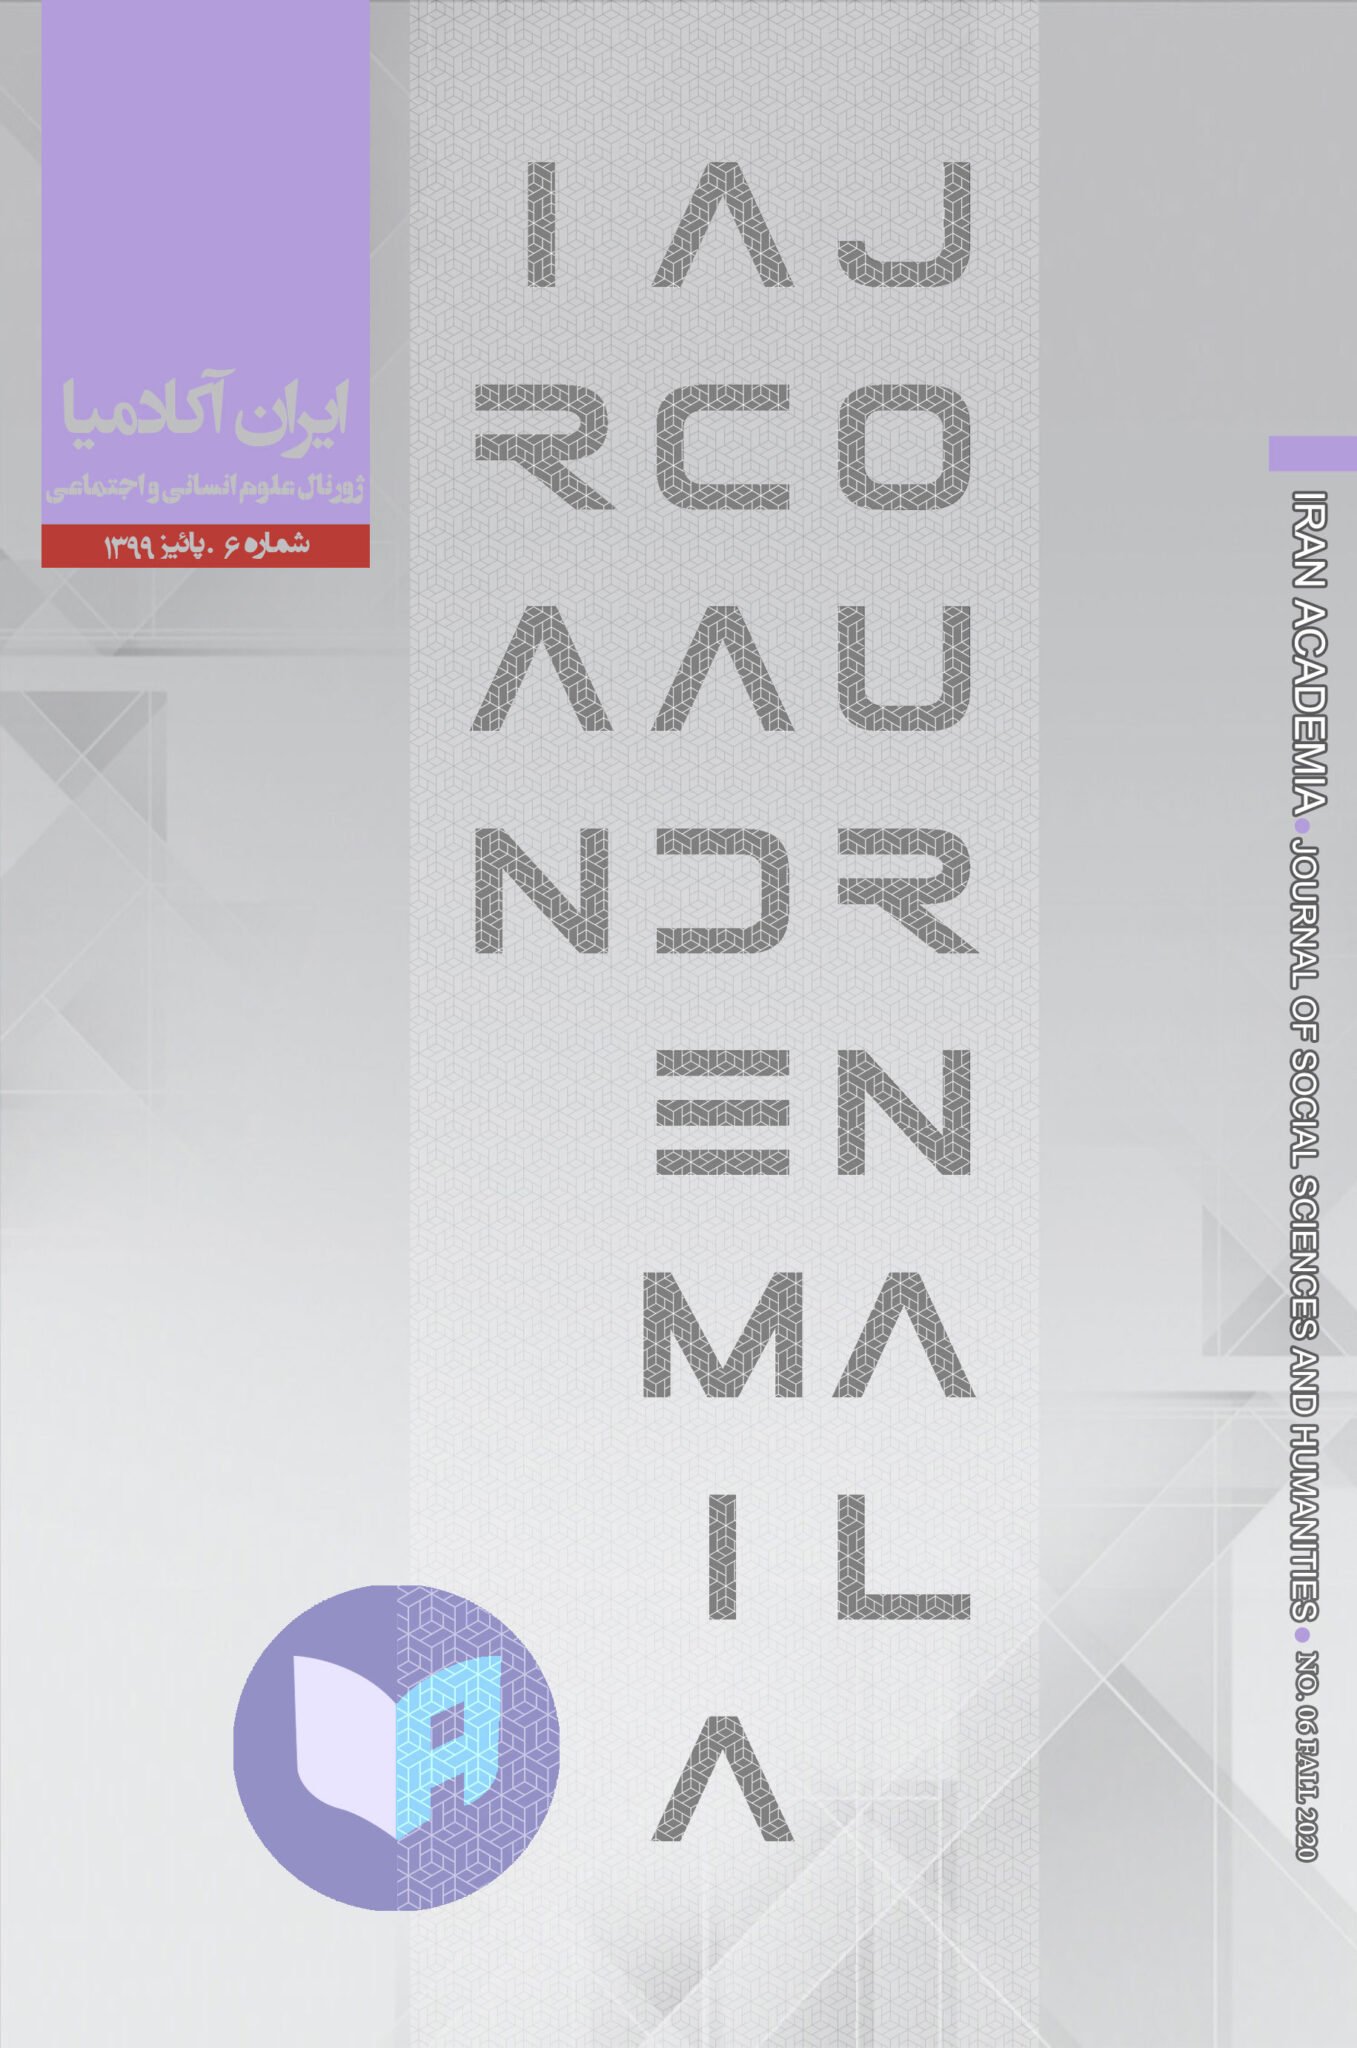 جلد ششمین شماره ژورنال ایران آکادمیا